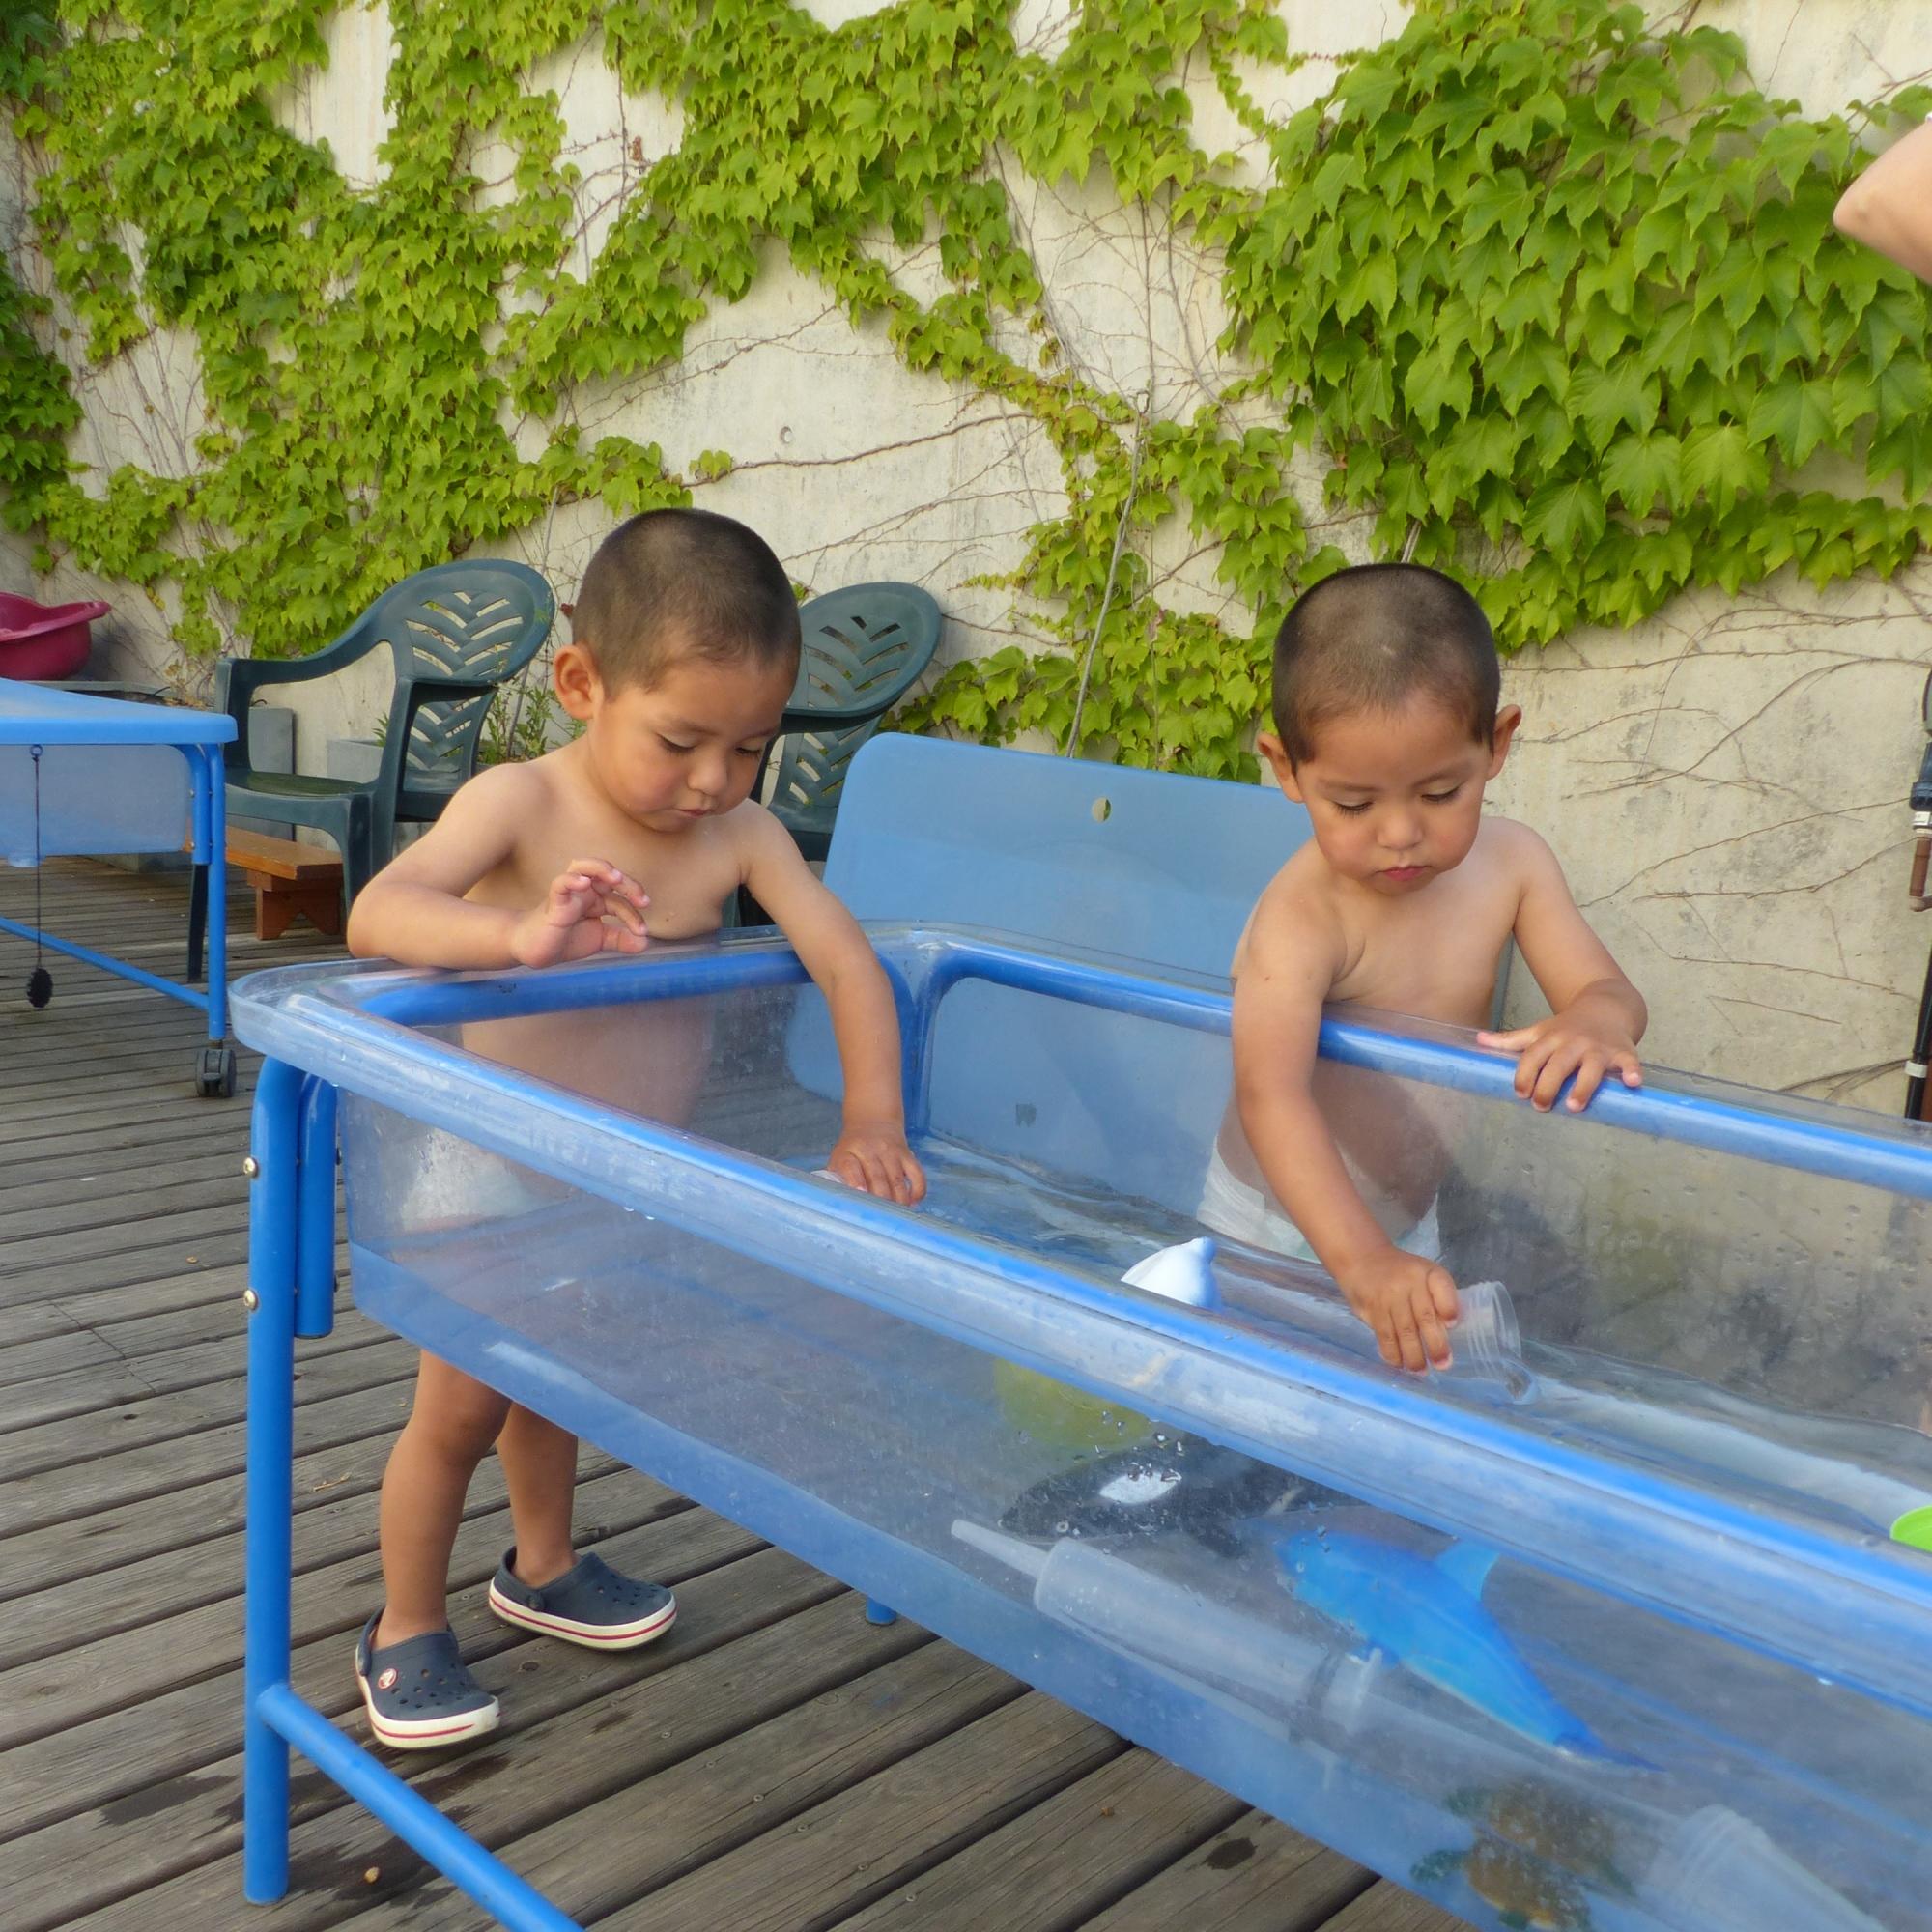 El Jhaden i el Dylan juguen amb aigua